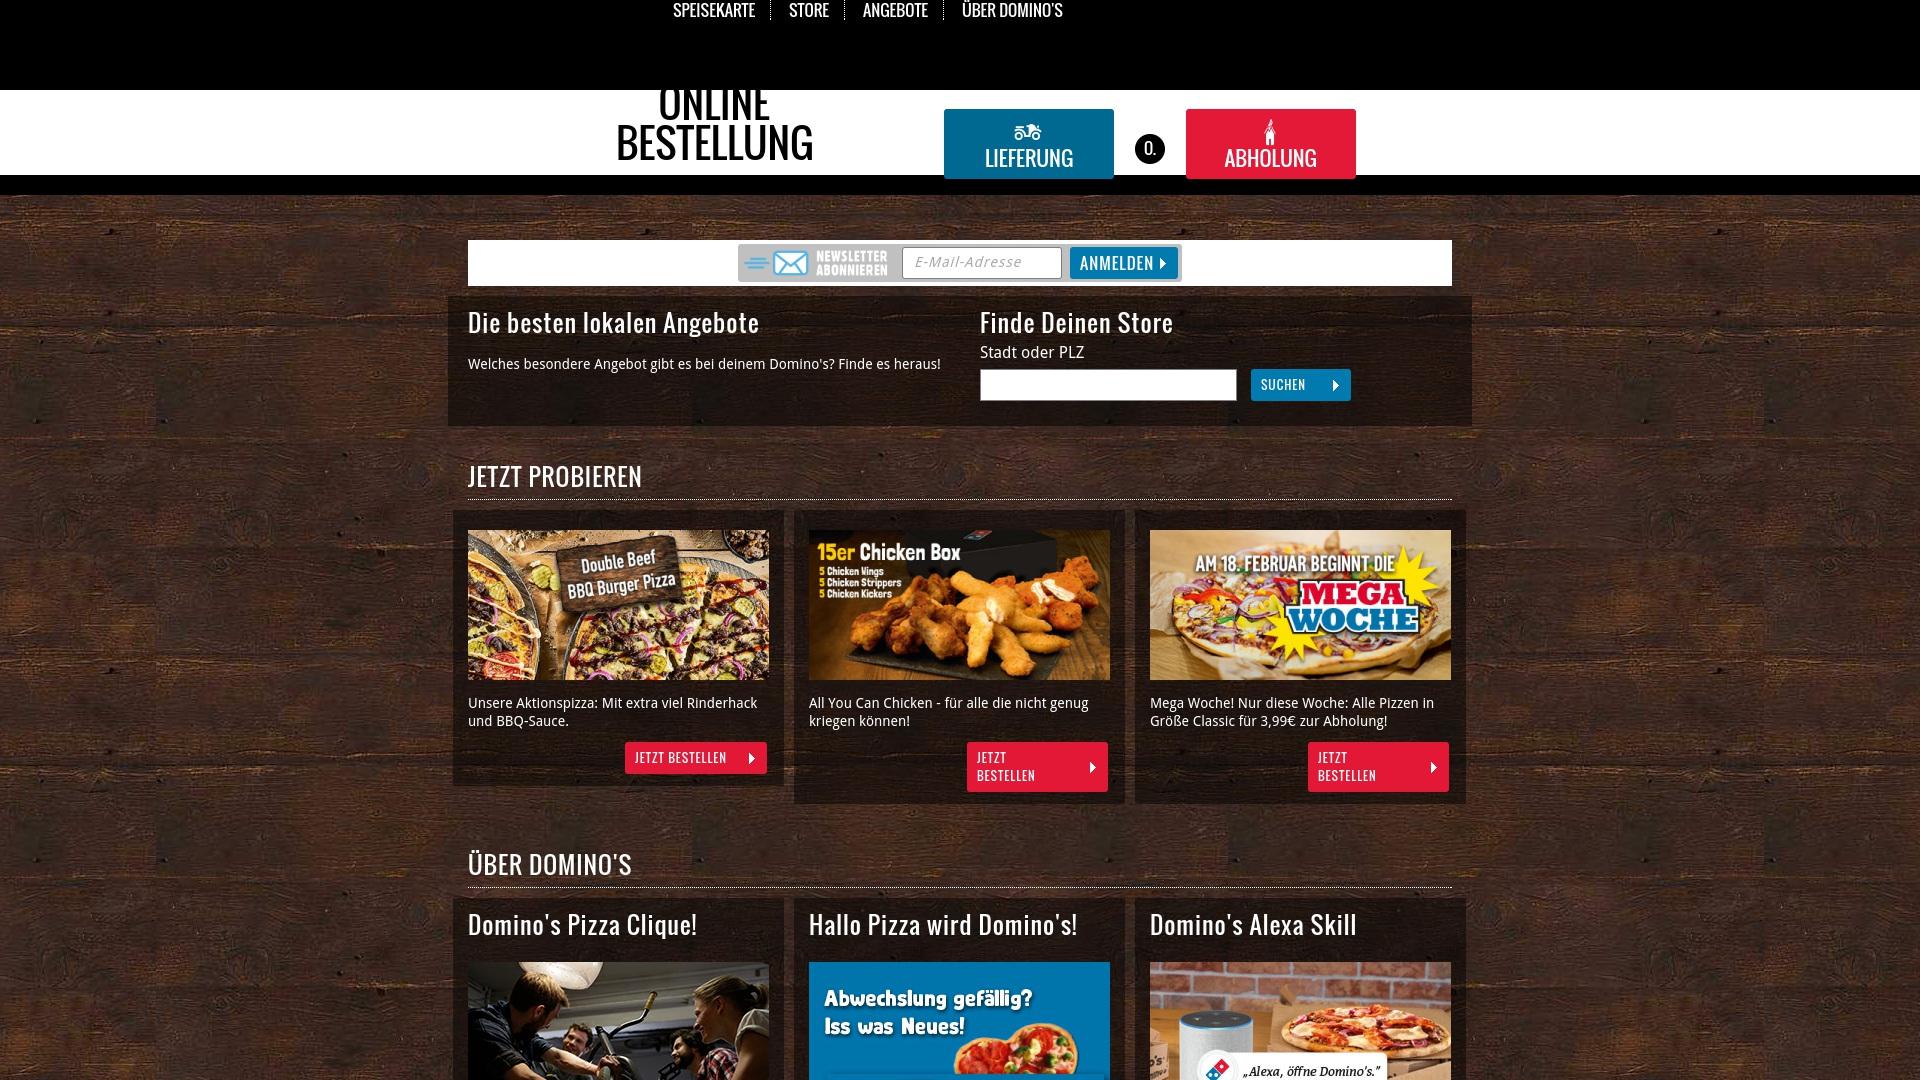 Gutschein für Dominos: Rabatte für  Dominos sichern